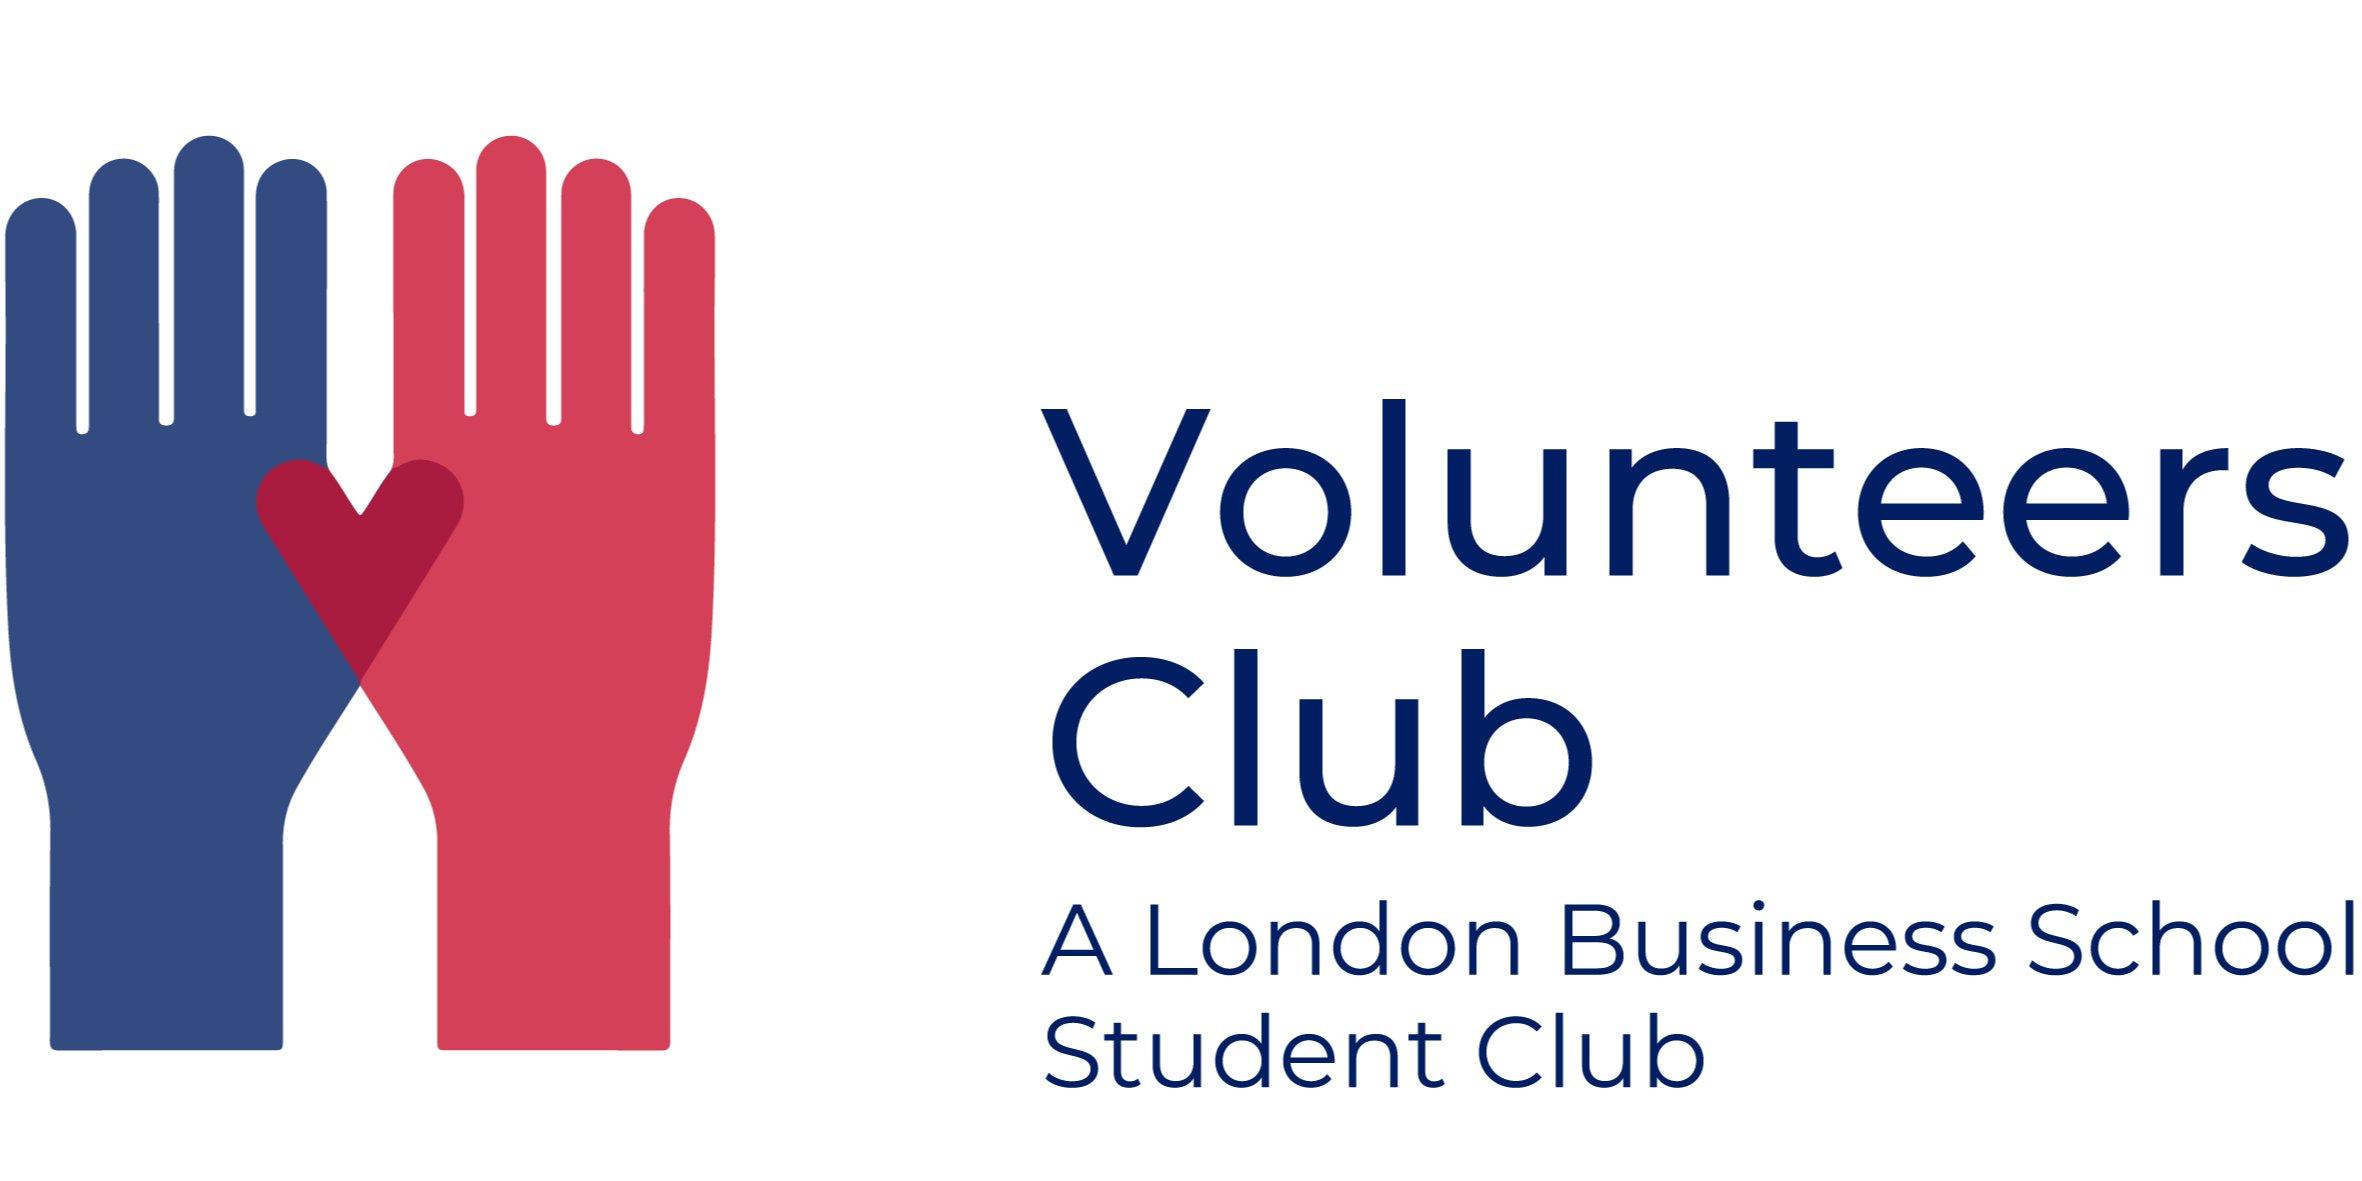 Volunteers Club Kick-off!